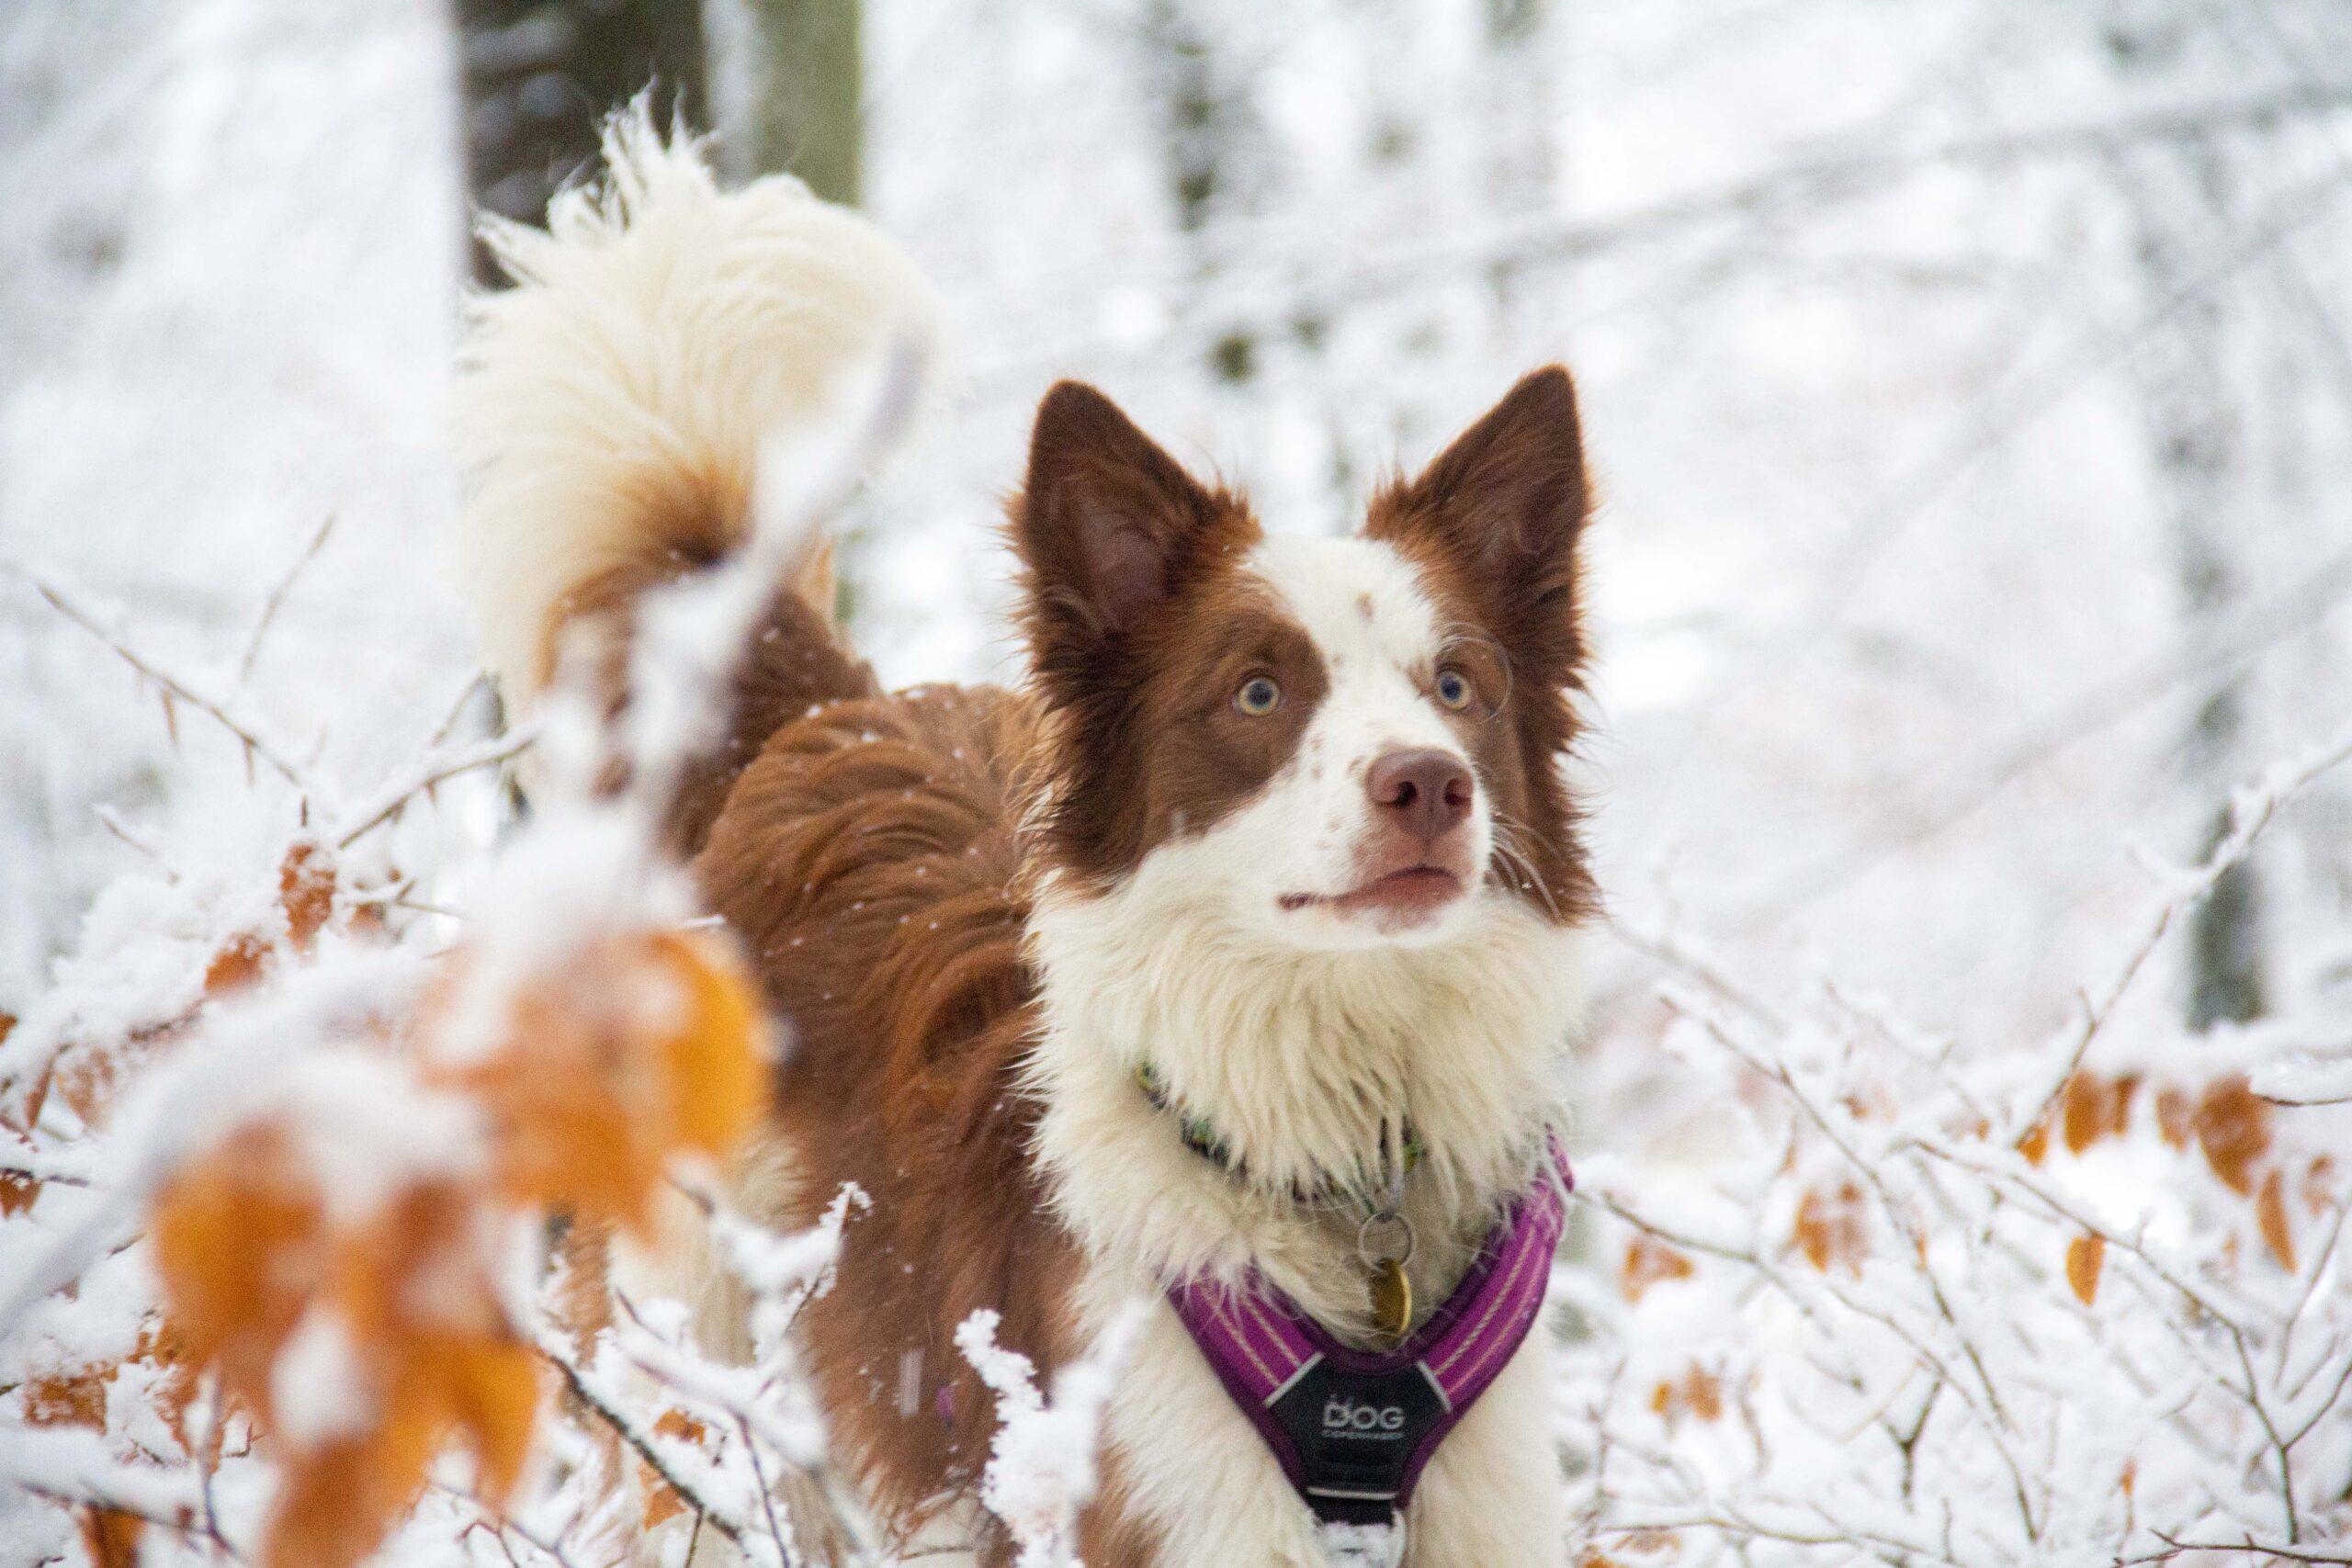 Yoko, née en 2020. C'est la toute première fois que j'accueille un chien d'un élevage. Ce fut une expérience inouïe de pouvoir tout démarrer à 0 ensemble. Son énergie inépuisable me donne du fil à retordre, et sa tendresse infinie cultive notre relation jour après jour.